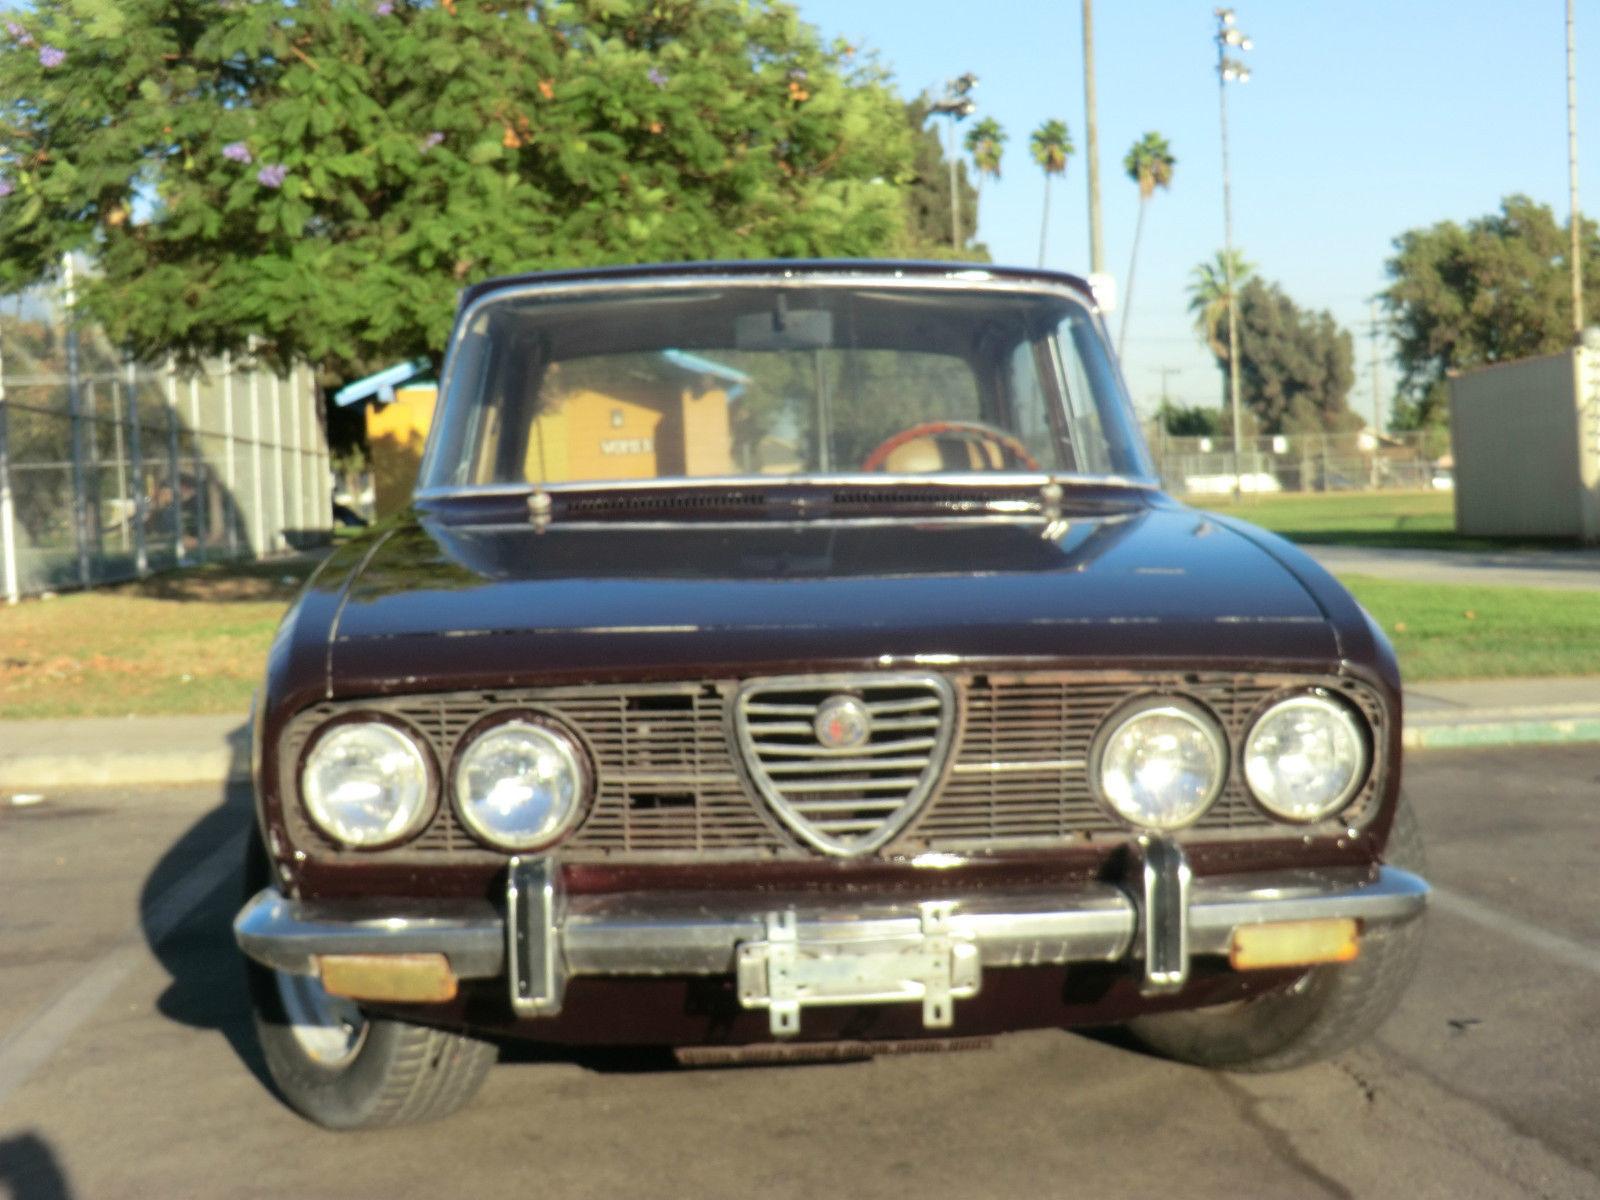 alfa romeo berlina 1972 sedan 2.0l burgundy project - classic alfa